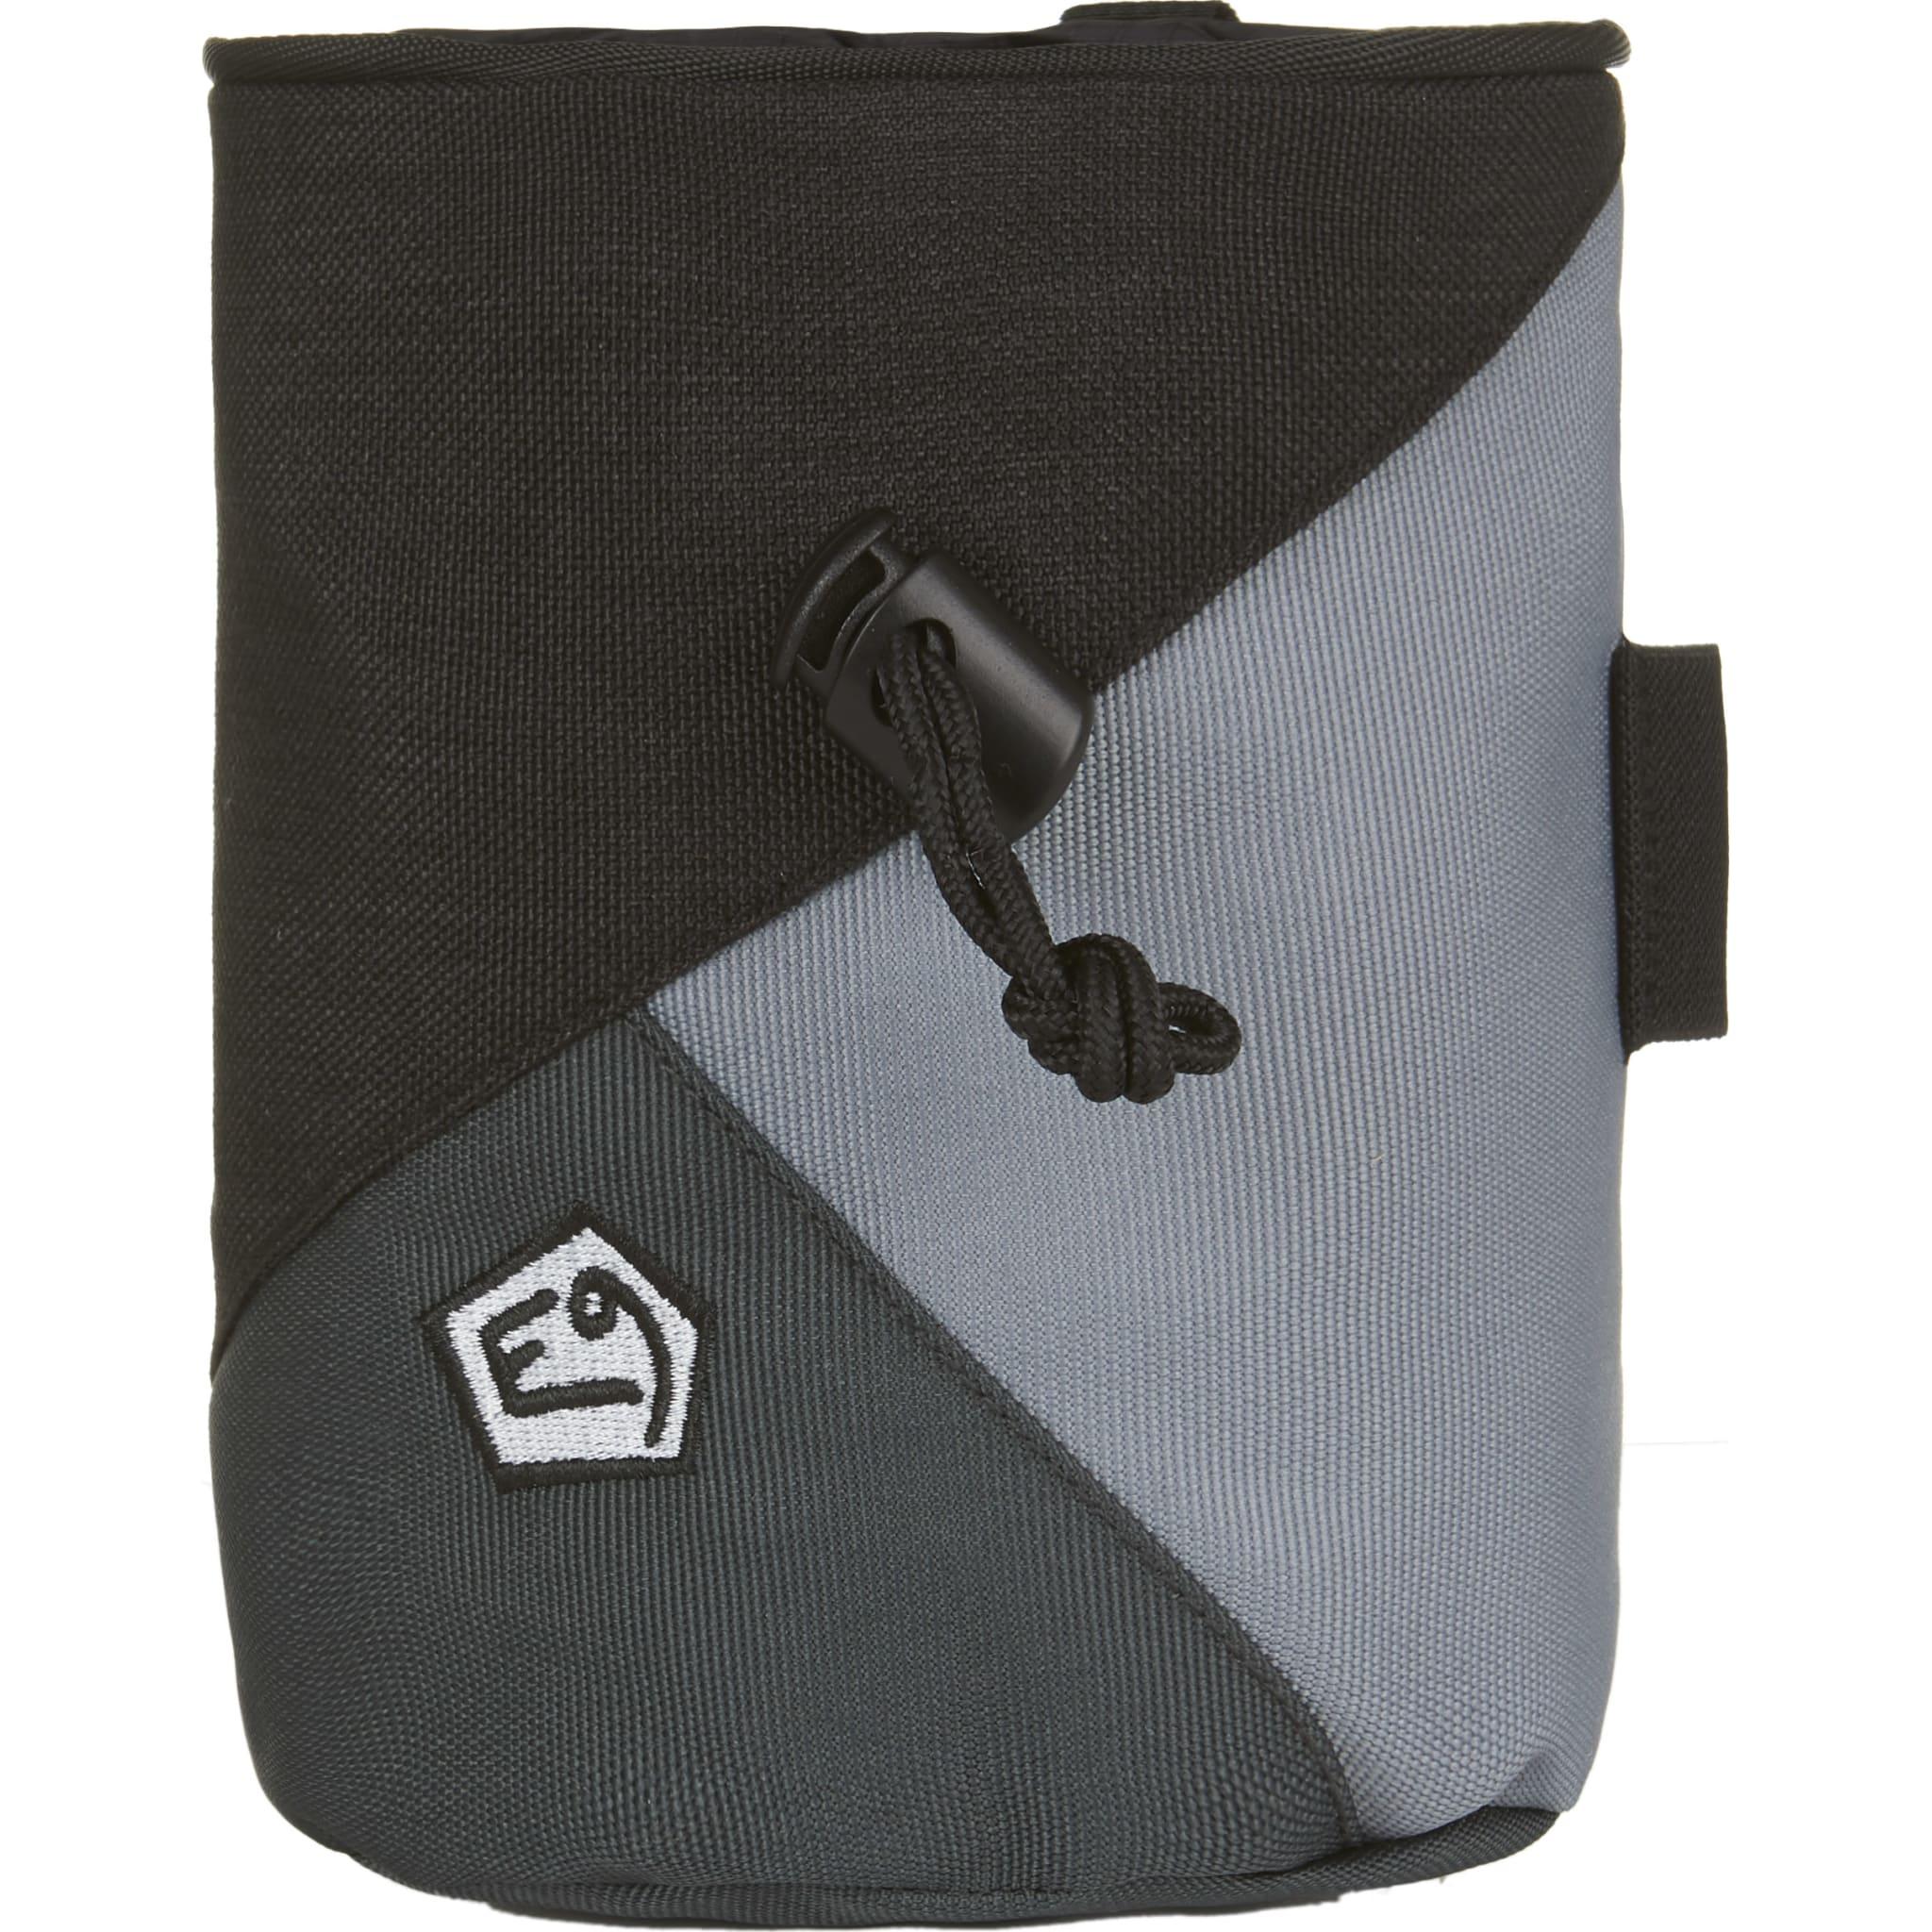 Kul kalkpose med belte